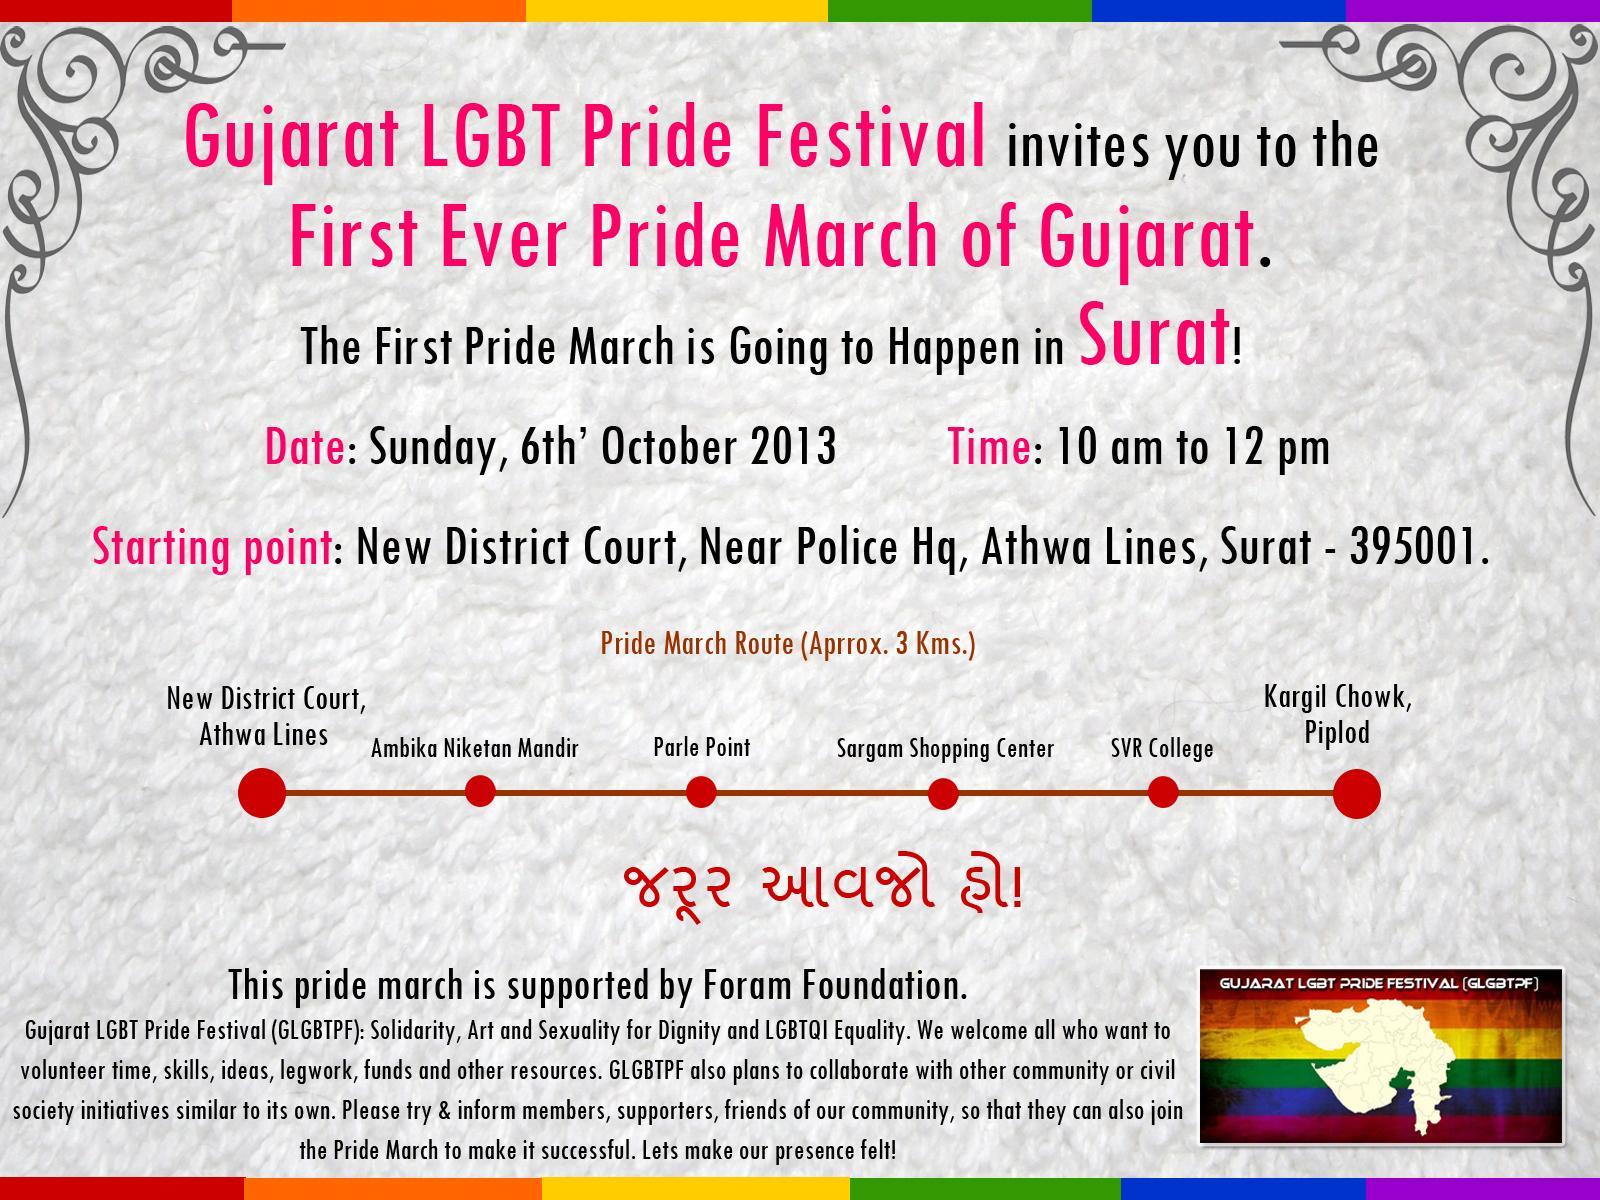 Surat (Gujarat) 1st Pride March : 6th October, 2013